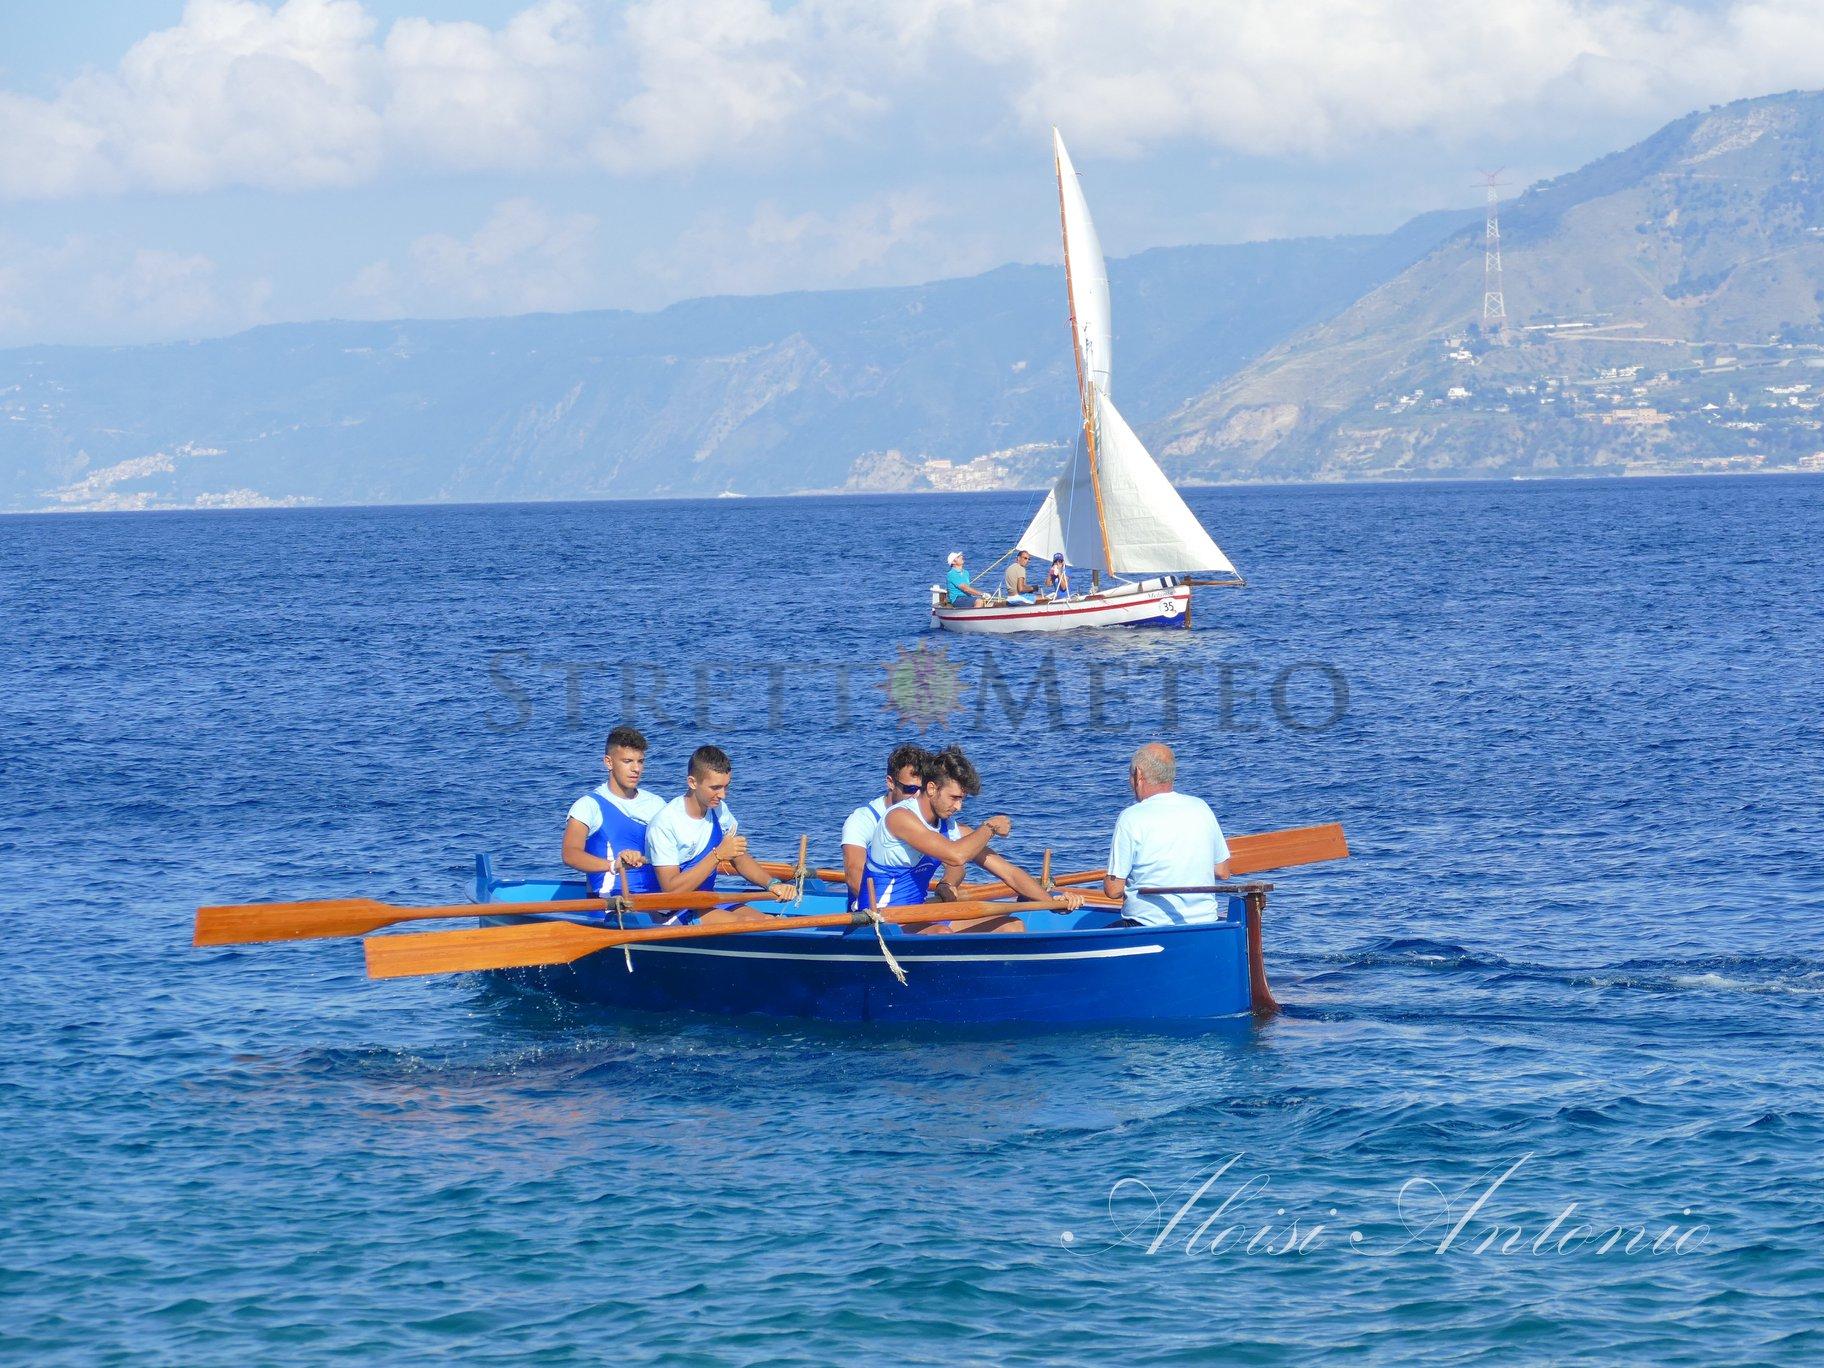 Sarà un weekend stabile, caldo al punto giusto per trascorrerlo al mare!